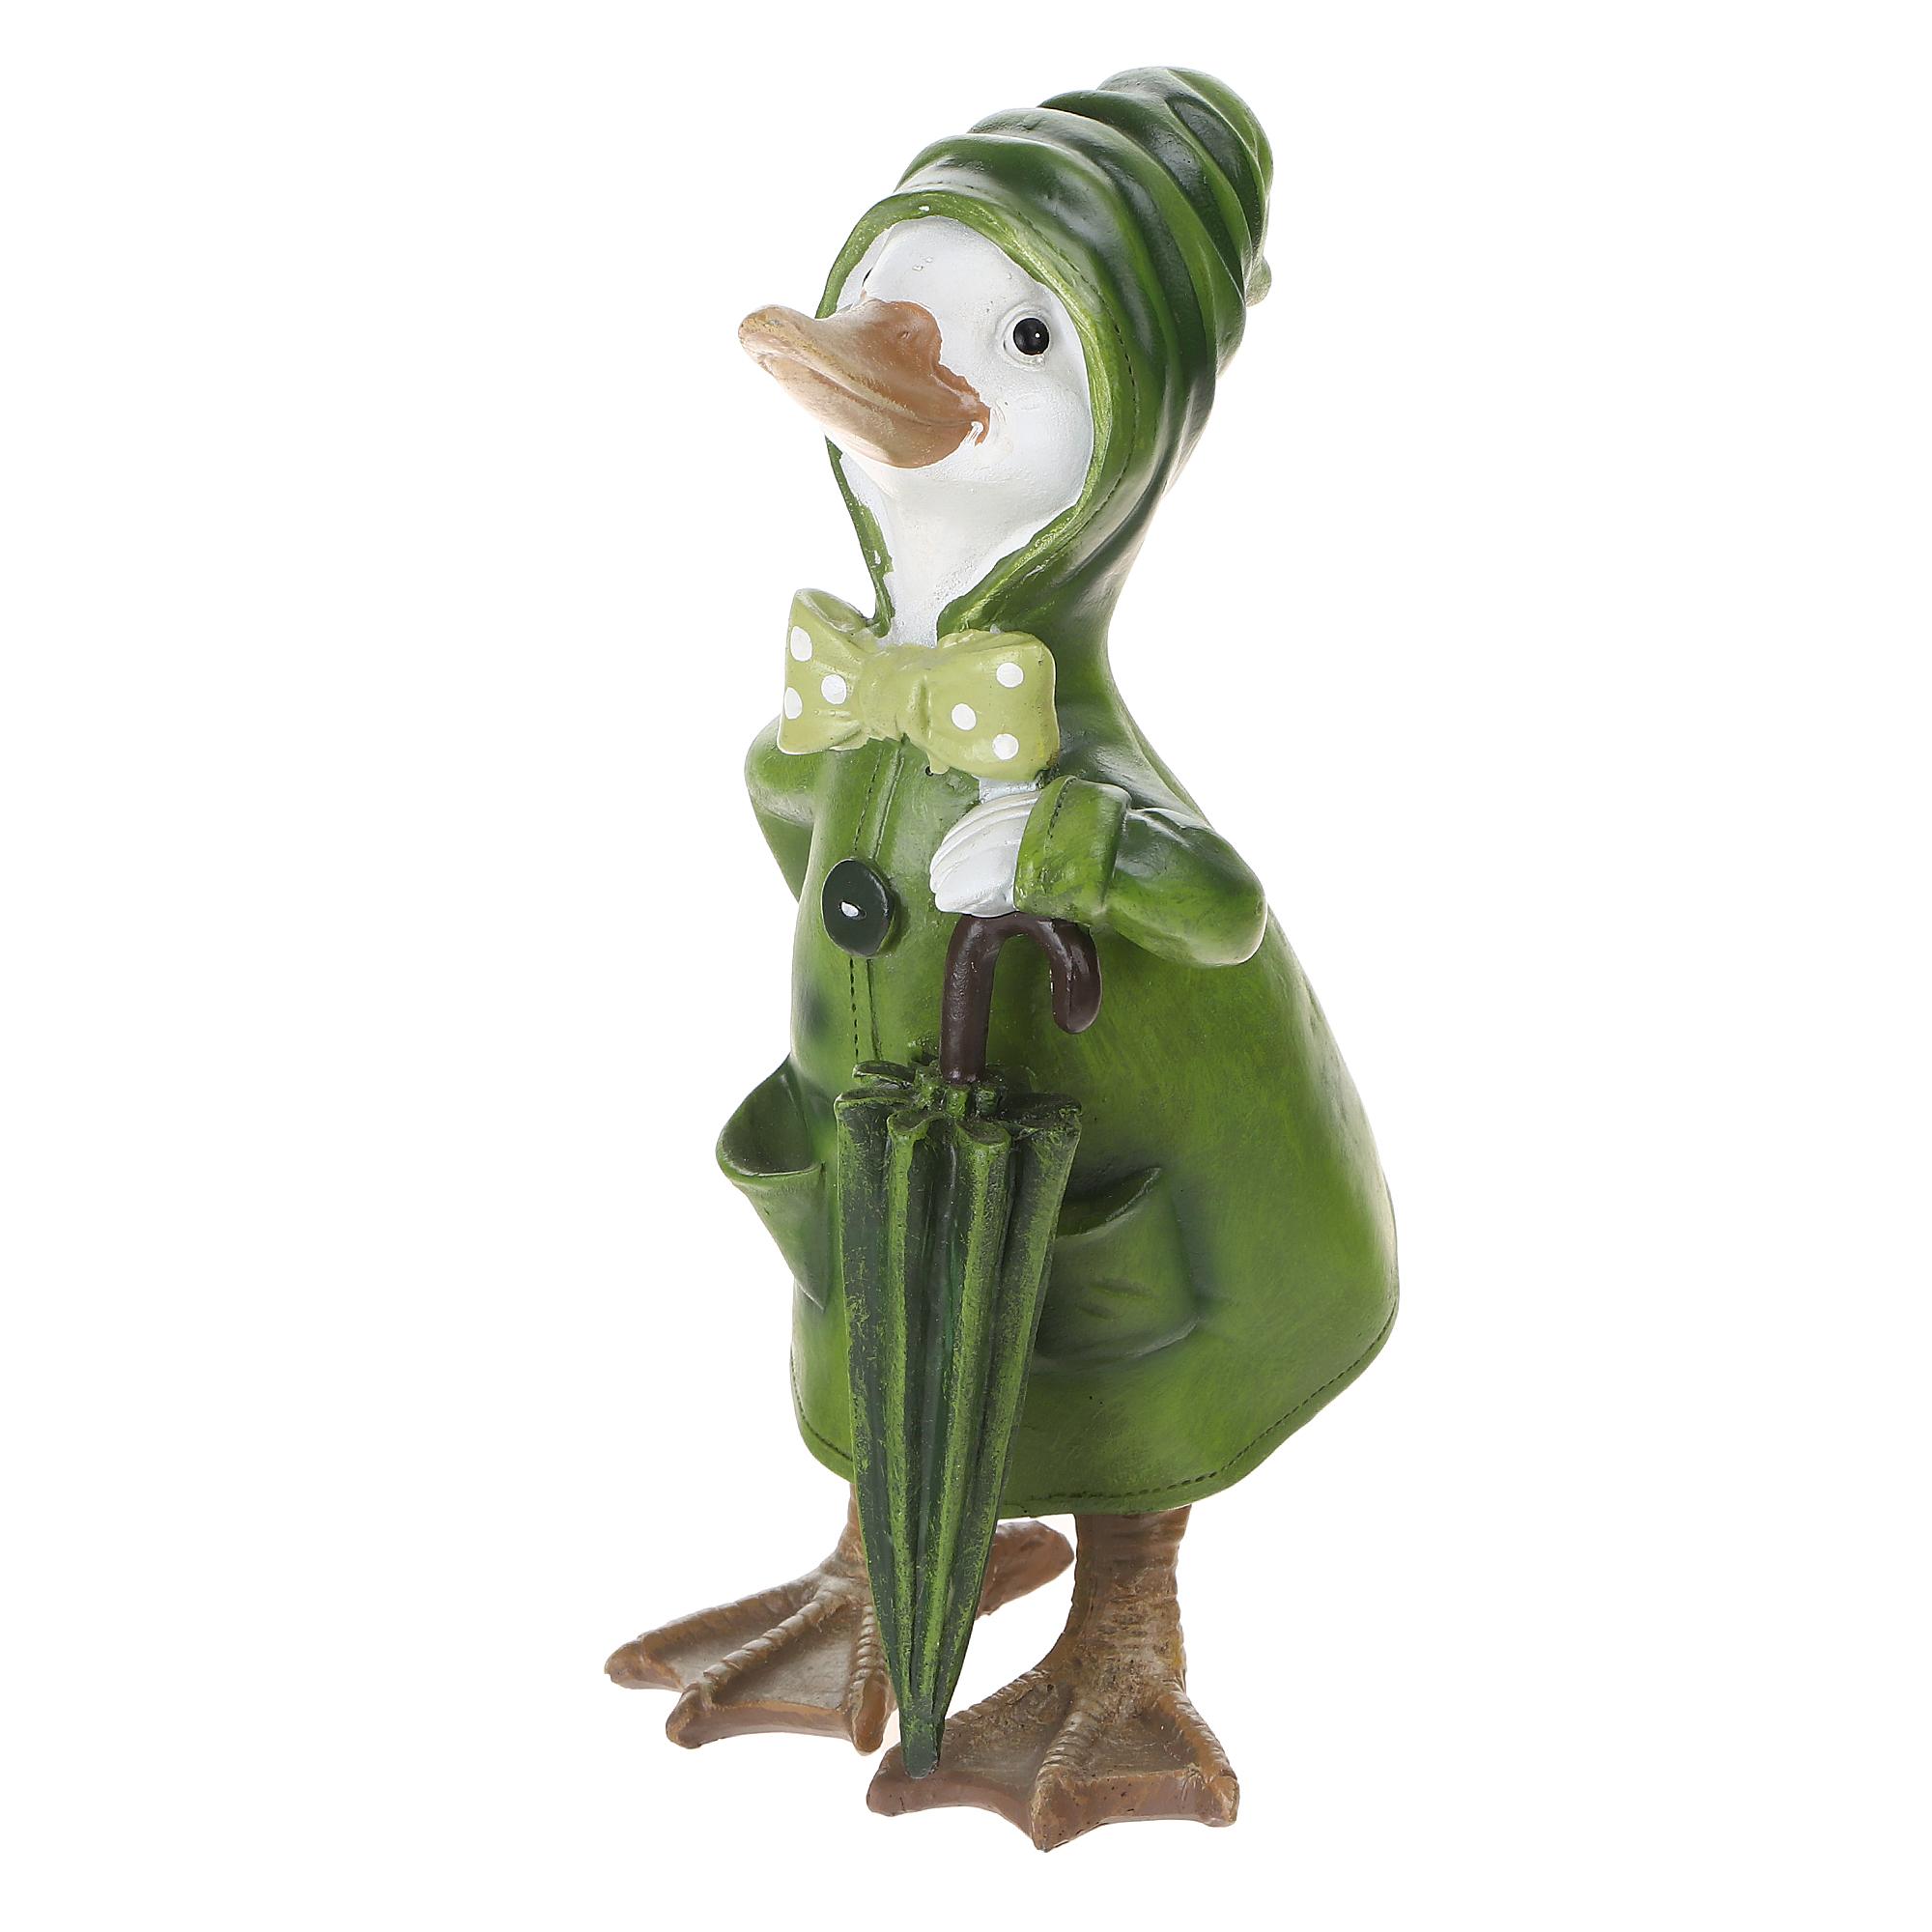 Фигура садовая Kaemingk garden Утка 18х26 см в ассортименте садовая фигура утка цветная мал 30 20 46 см f01271 1145141